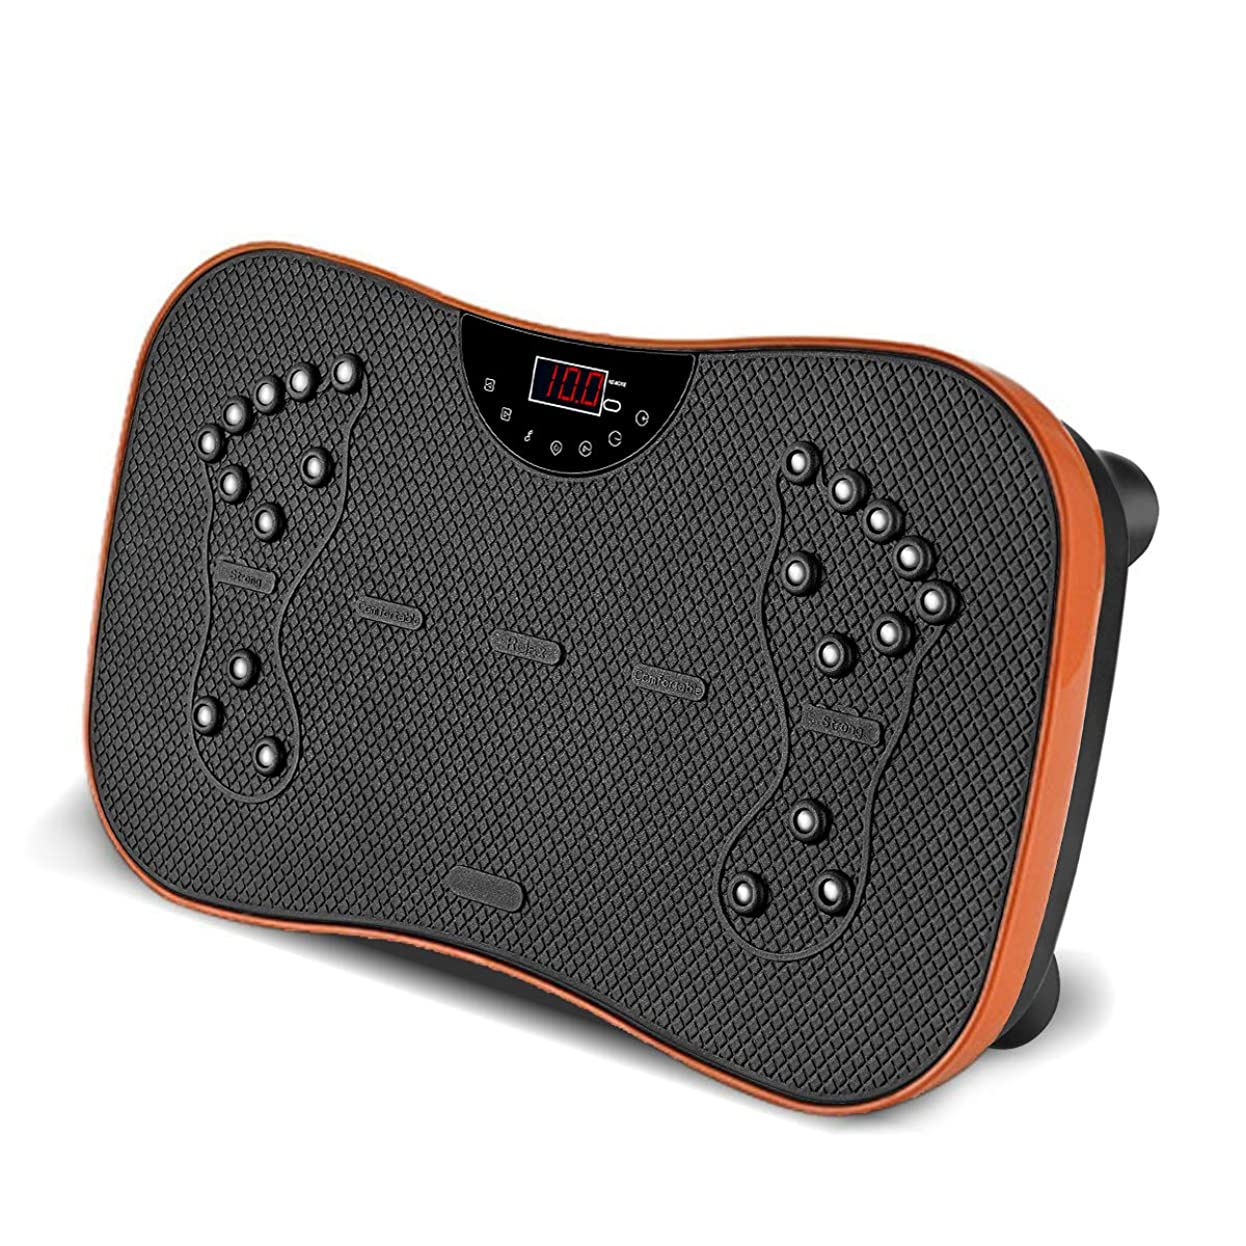 ペースト外向きポーチ振動マシン フィットネスマシン スマート 振動ステッパー バランスウェーブ 老害物排出 脂肪燃焼 振動フィットネスマシン Bluetooth接続 音楽プレイヤー機能付 (イエロー)